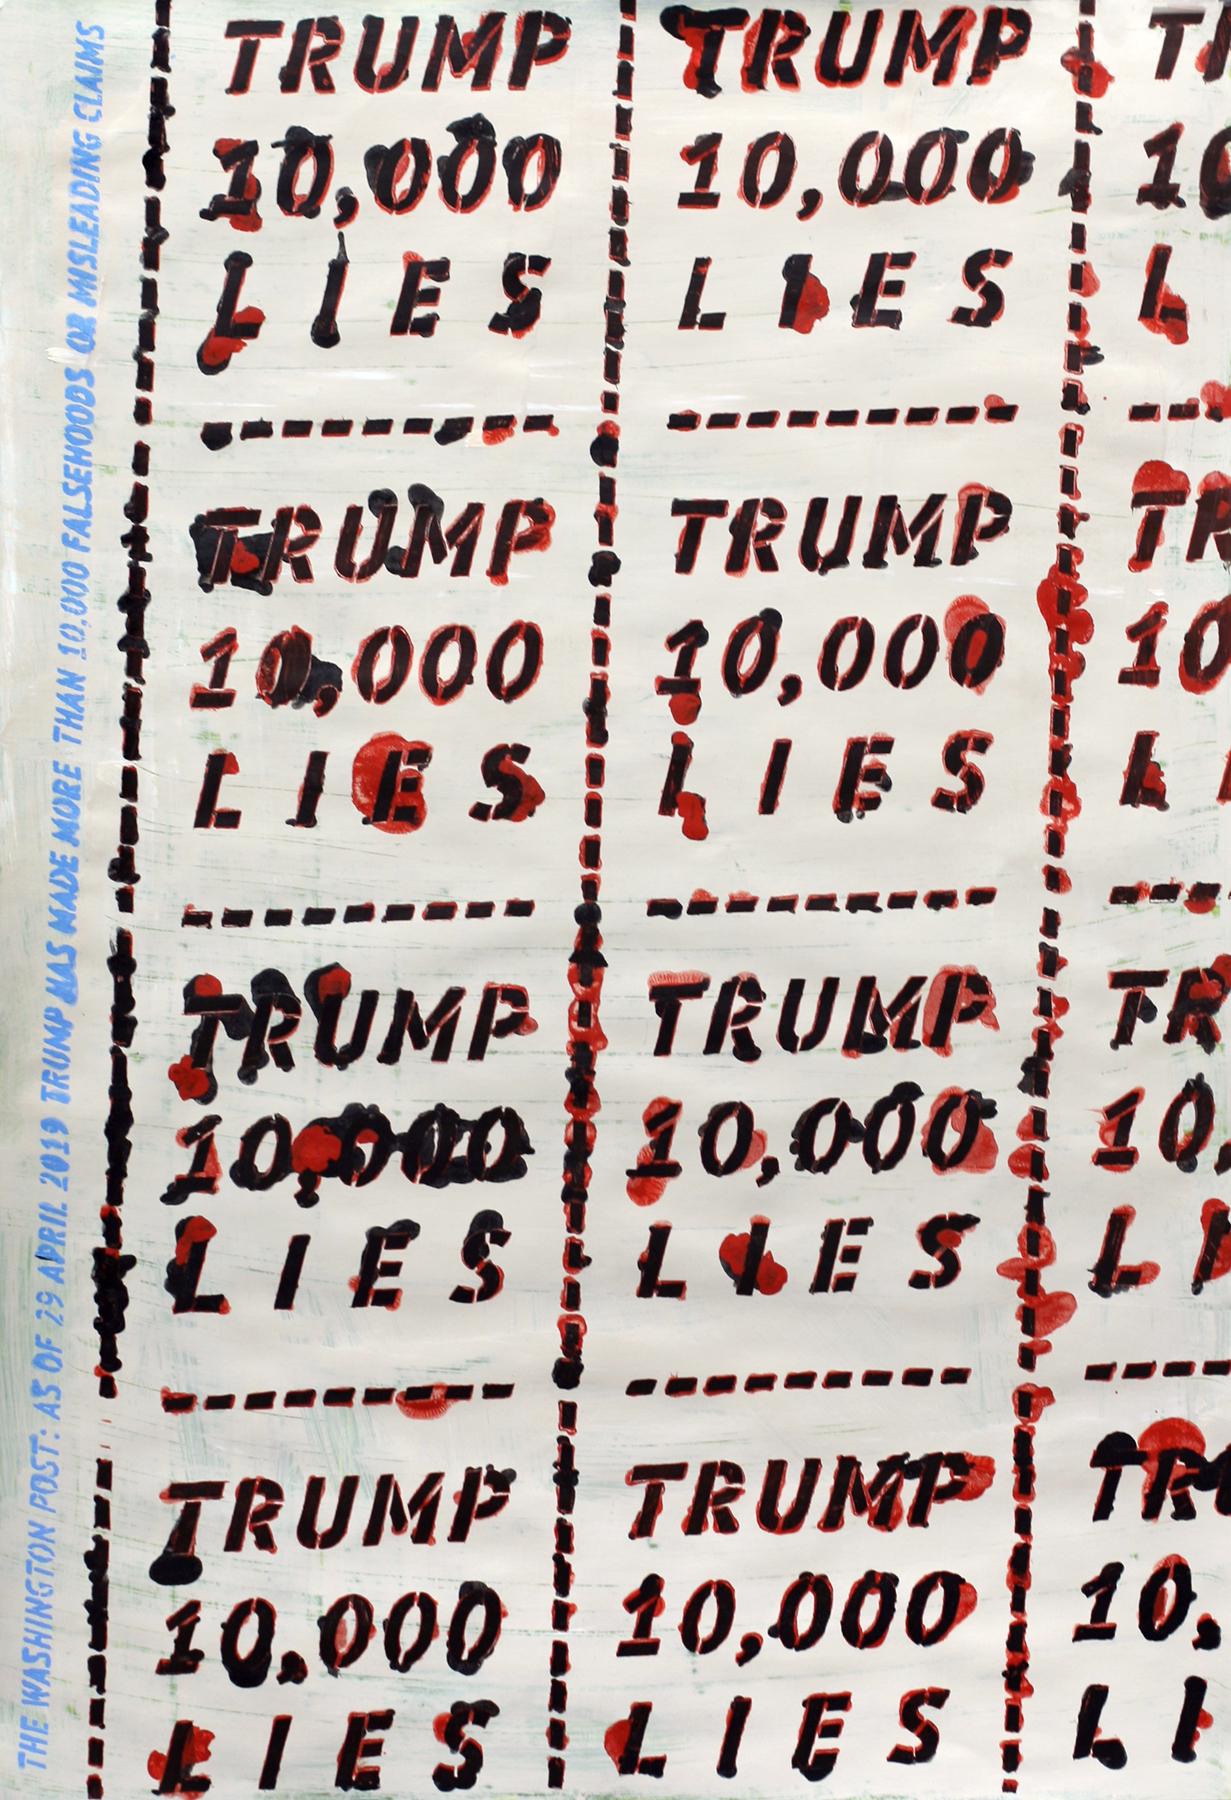 10,000 Lies